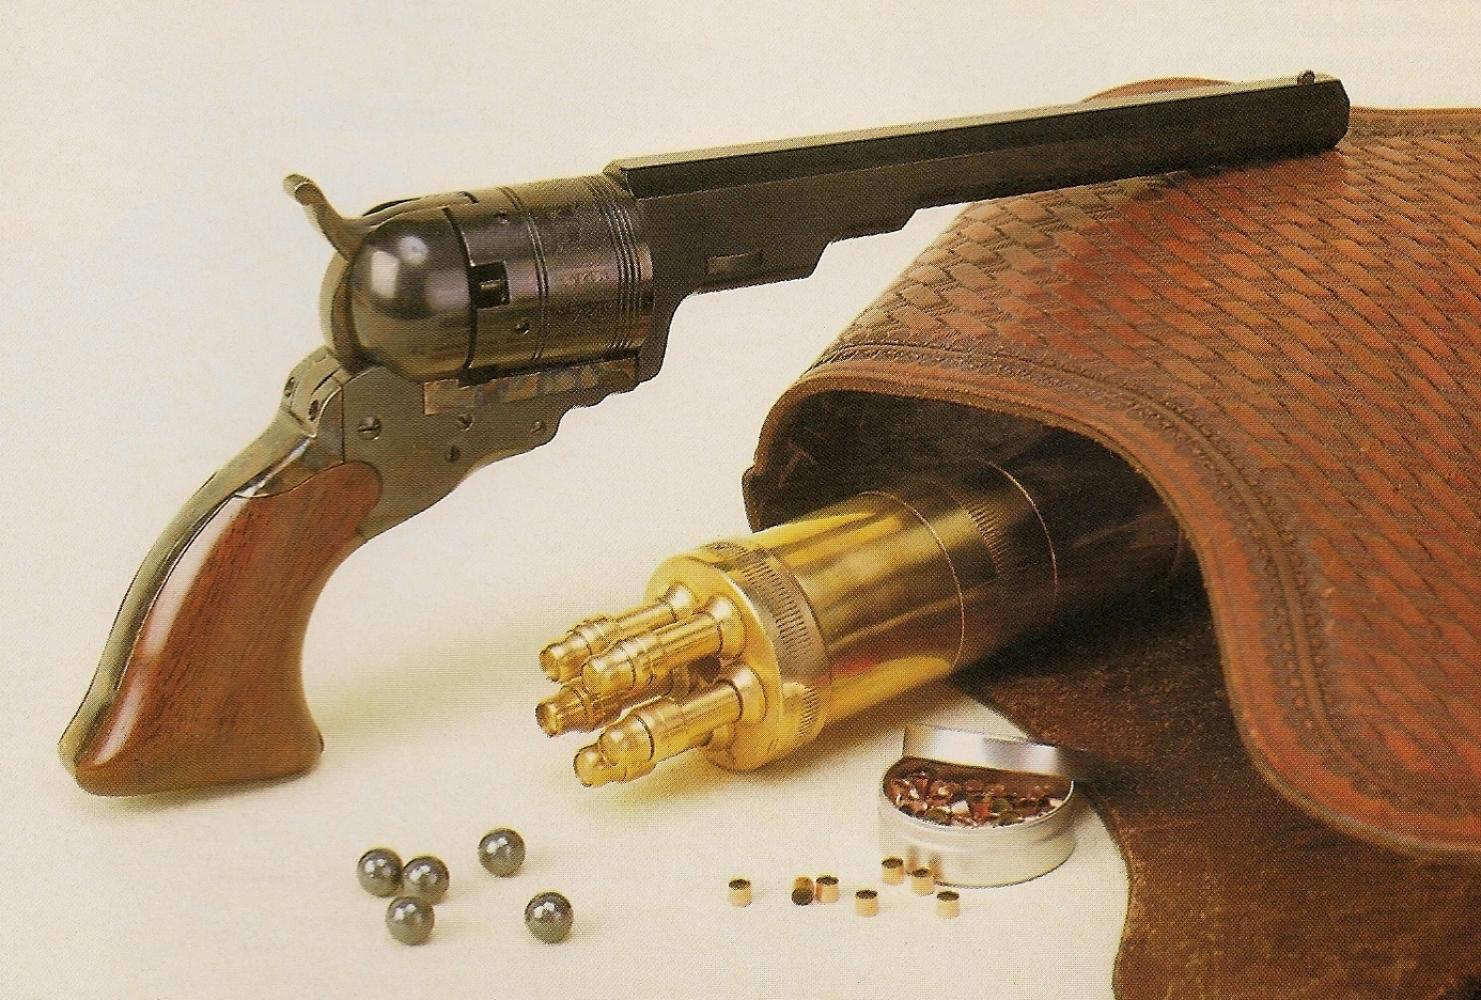 La réplique du Colt Texas Paterson, accompagnée par une copie de la poire à poudre d'époque, à cinq becs, qui lui était destinée.